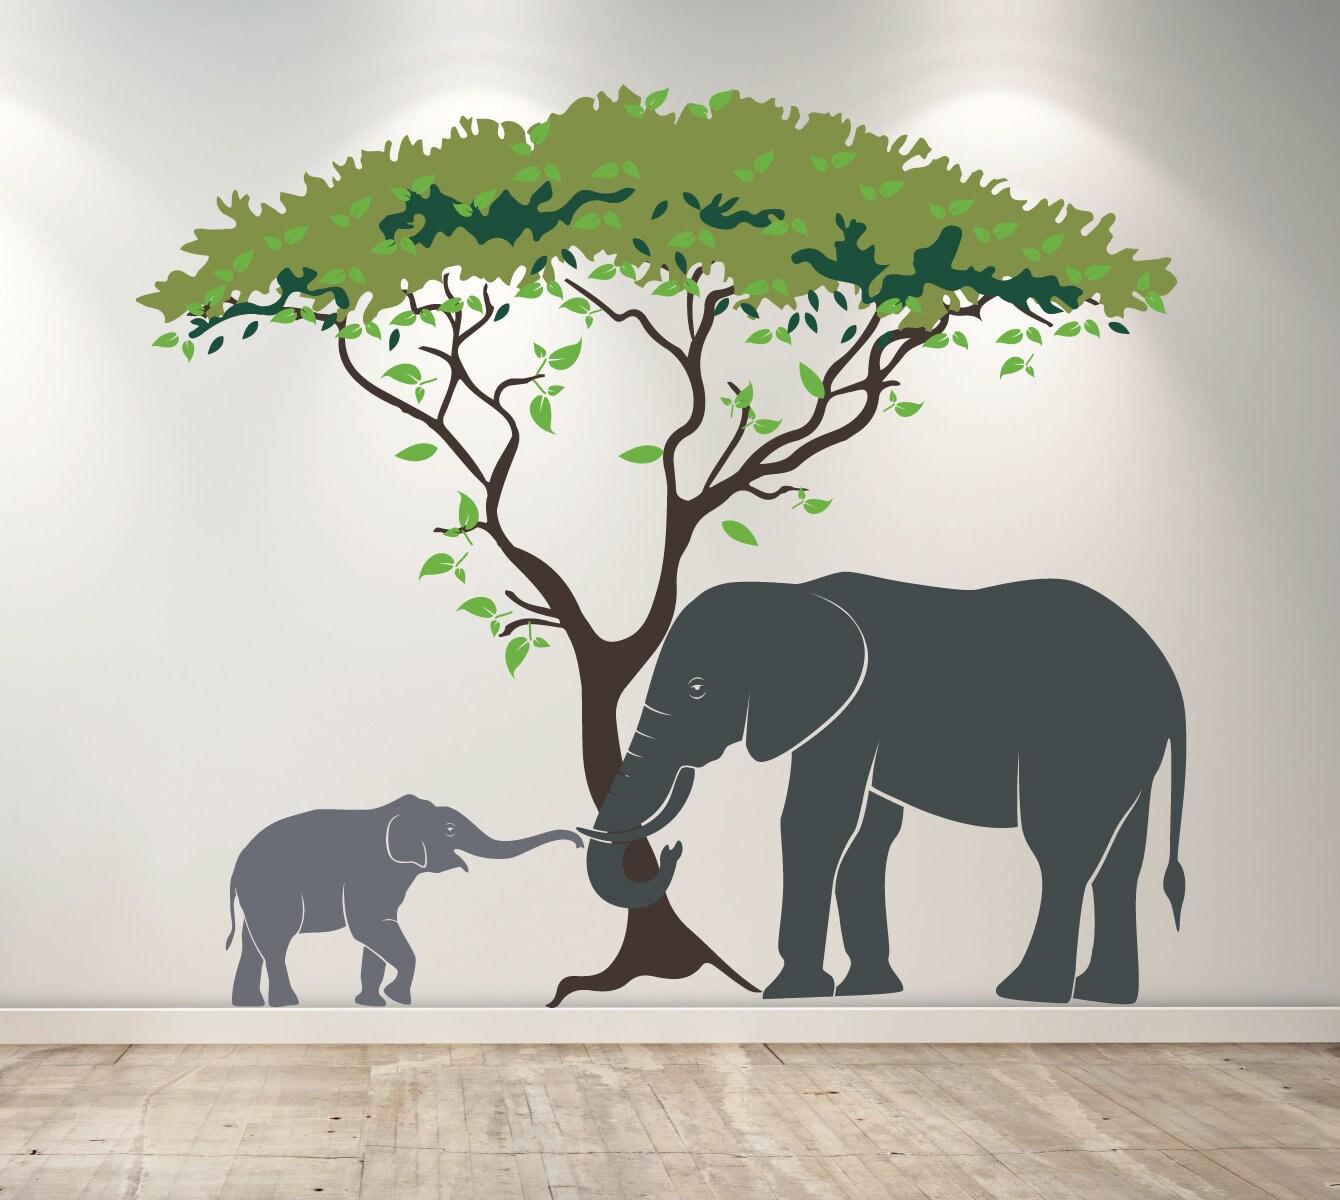 Elephant Wall Art Decor Decal Nursery Wall Decor D00576